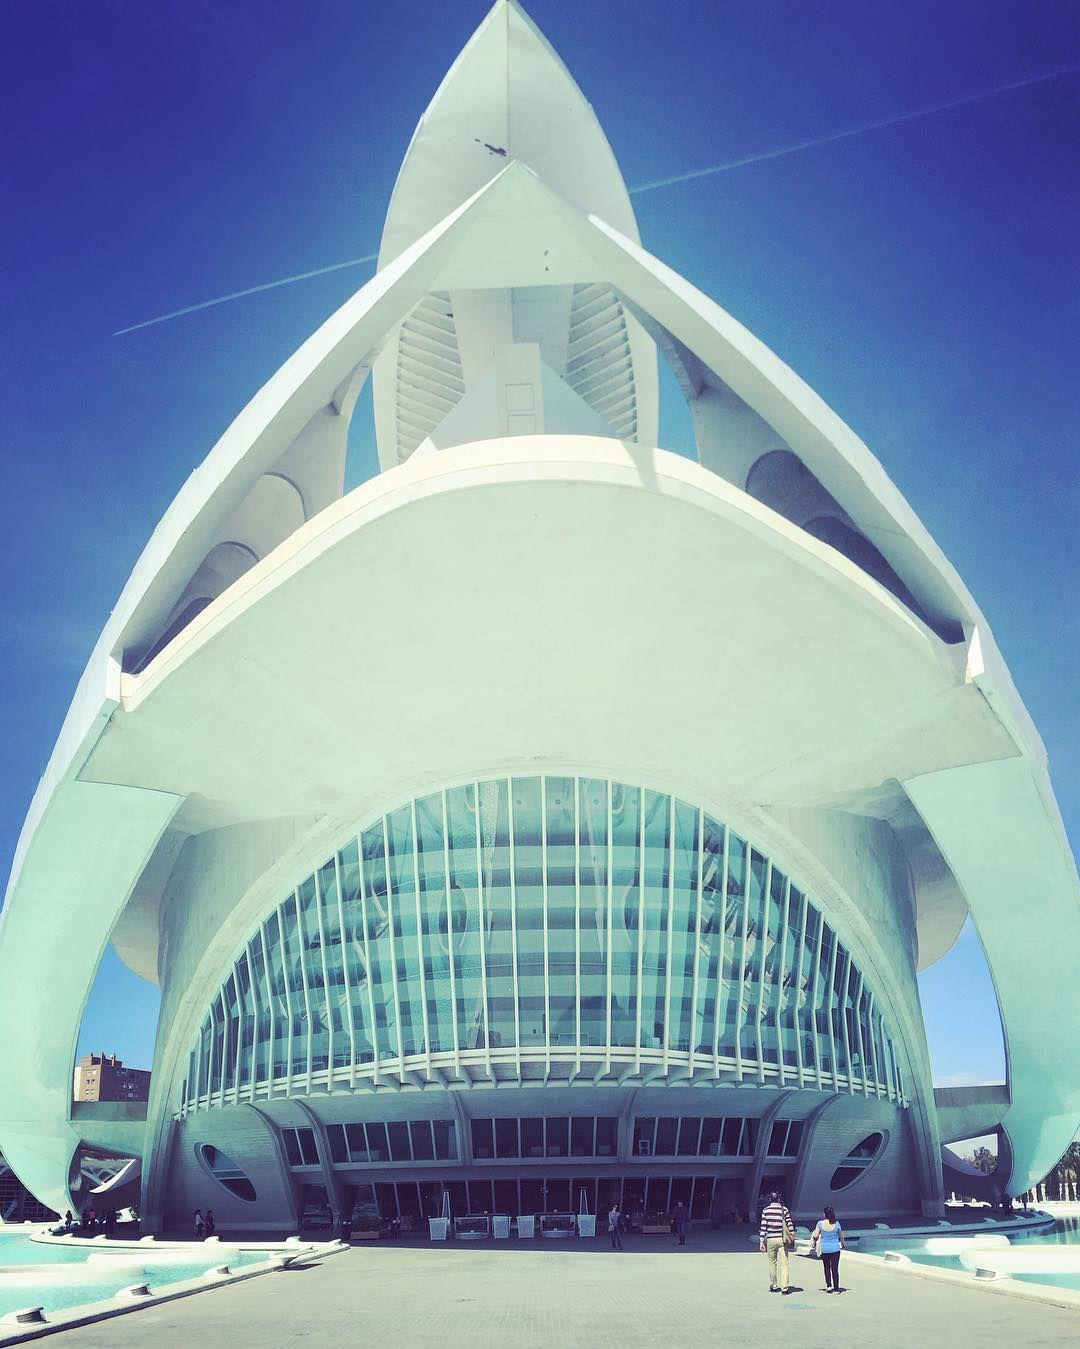 Das #opernhaus von #valencia ist genial! Das 200 Millionen teure Bauwerk von #calatrava beeindruckt!  Frohe Ostern aus Spanien!  #architecture #operahouse #westin